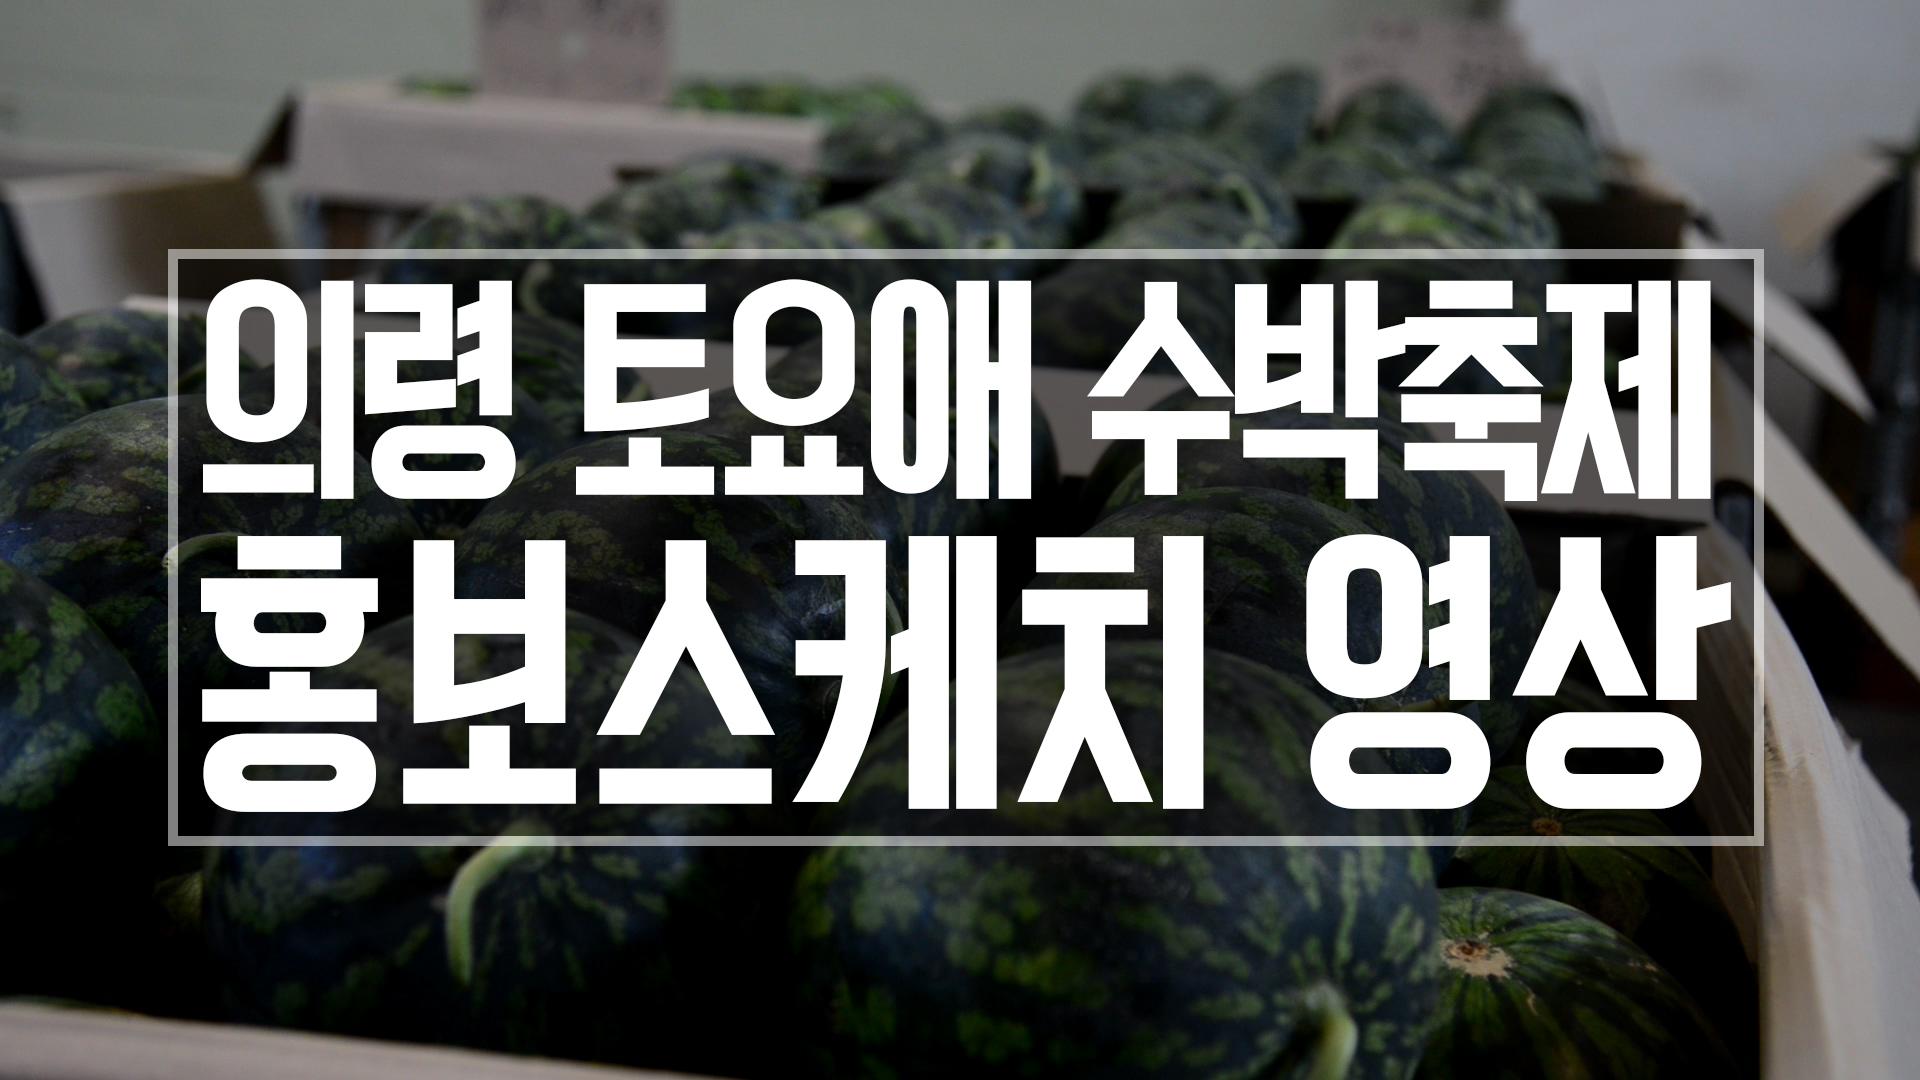 의령토요애수박축제홍보스케치영상.jpg